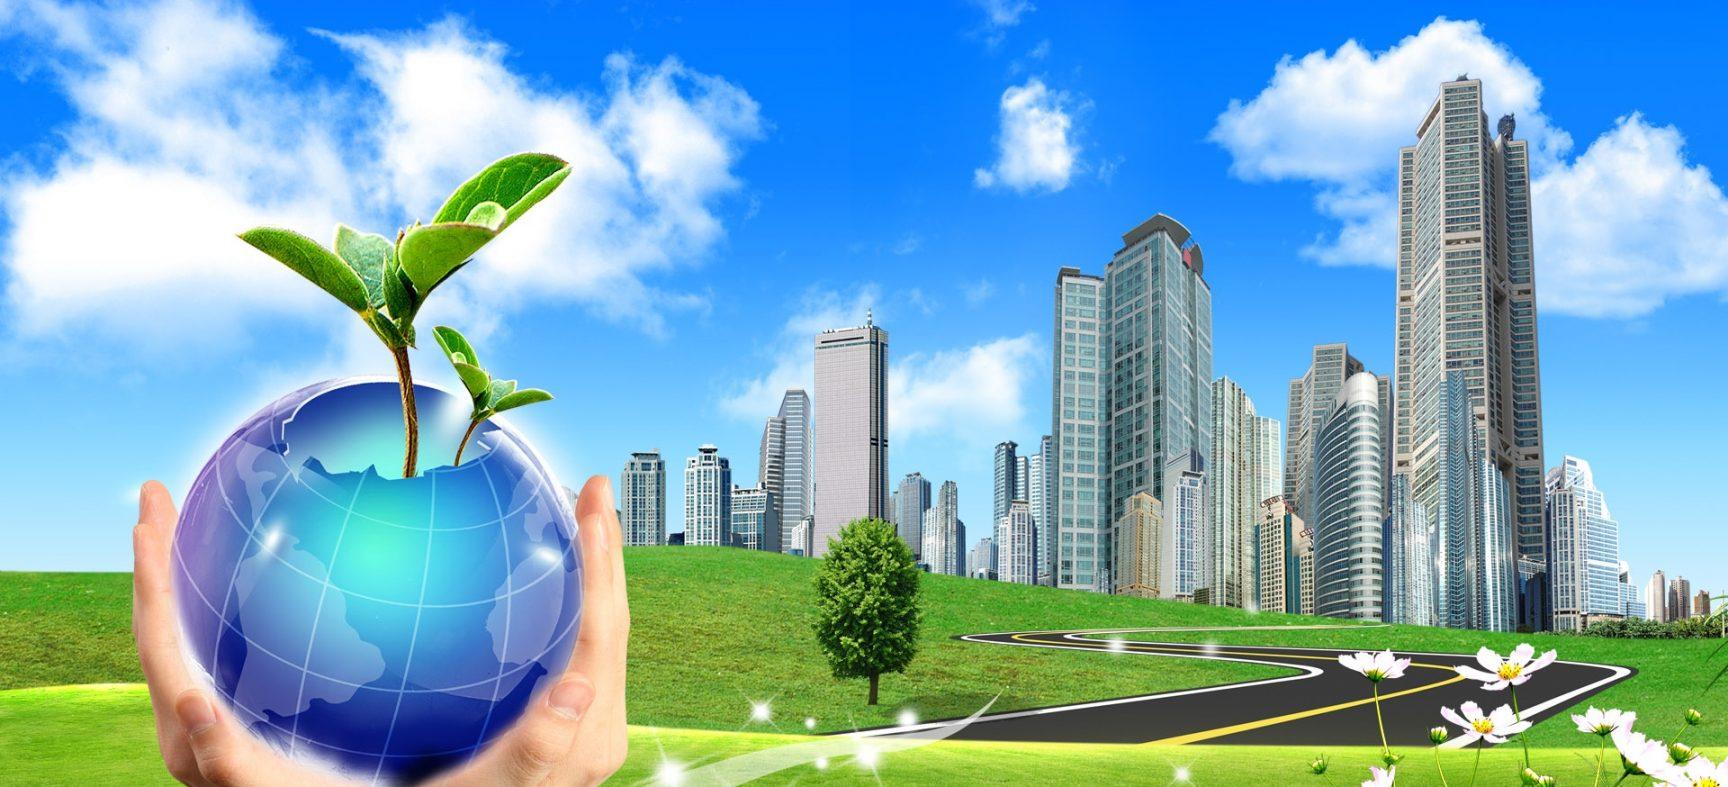 Qualità della vita, Natura, Ambiente - Venerdì 27 Marzo 2020